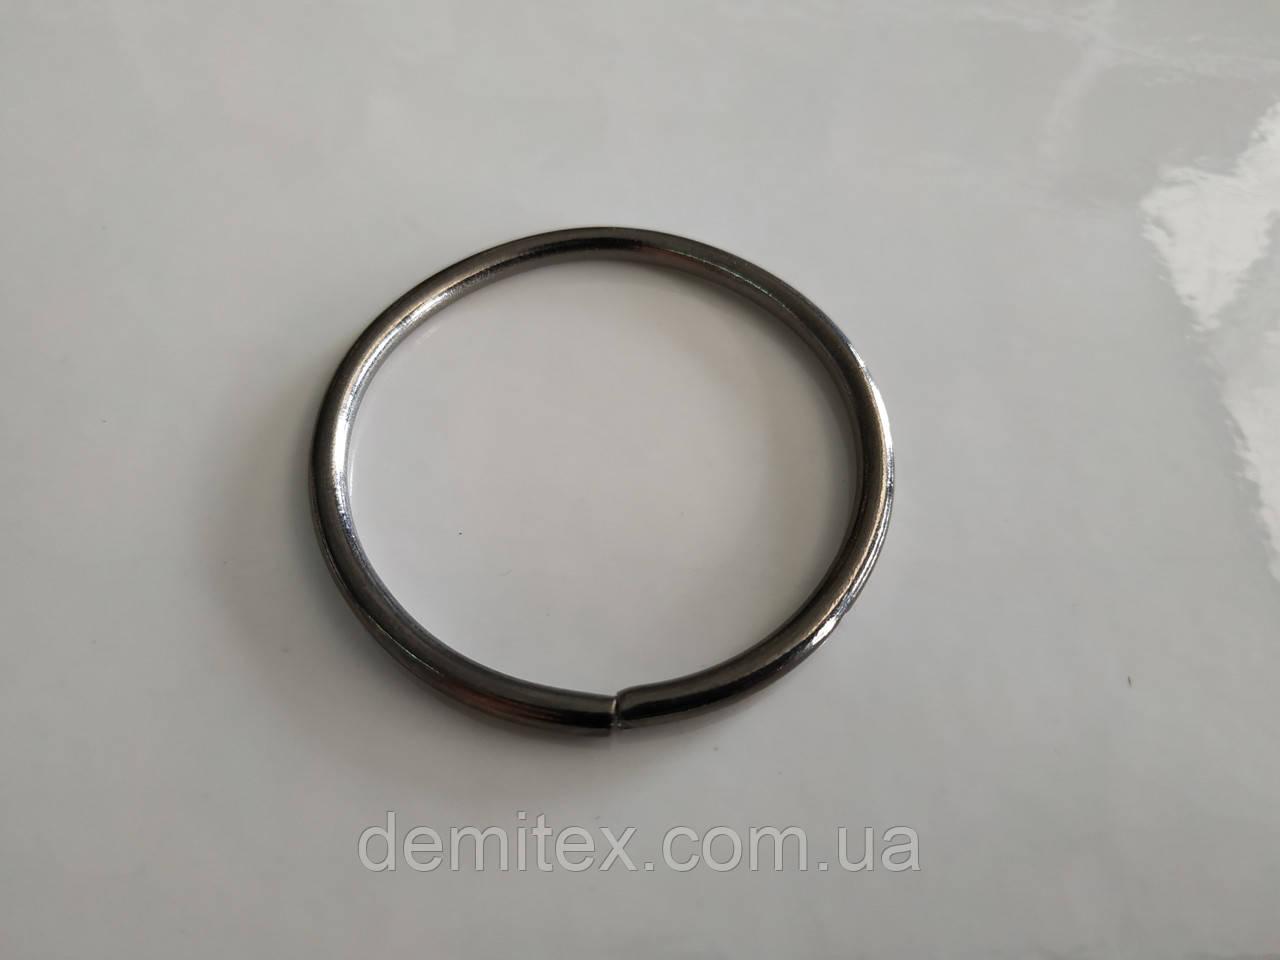 Кольцо черный никель 40х3мм